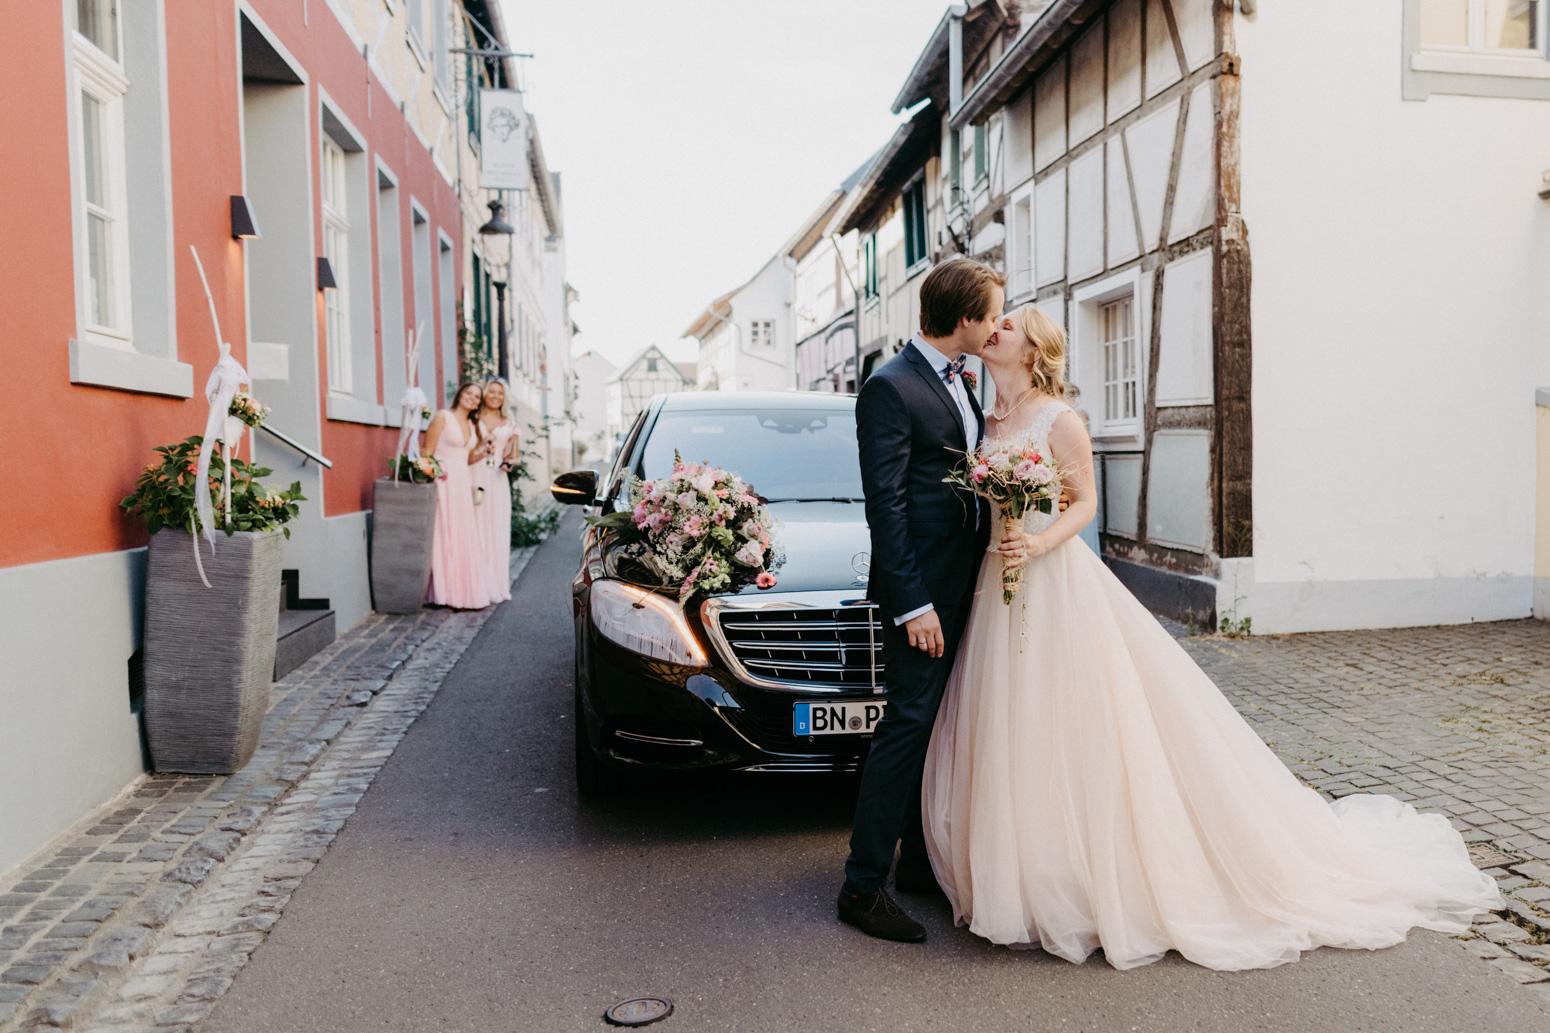 Hochzeit in der kleinen Beethovenhalle in Muffendorf, Bad Godesberg. Hochzeitsfotografin Daria Becker von Genuine Bonds aus Bonn